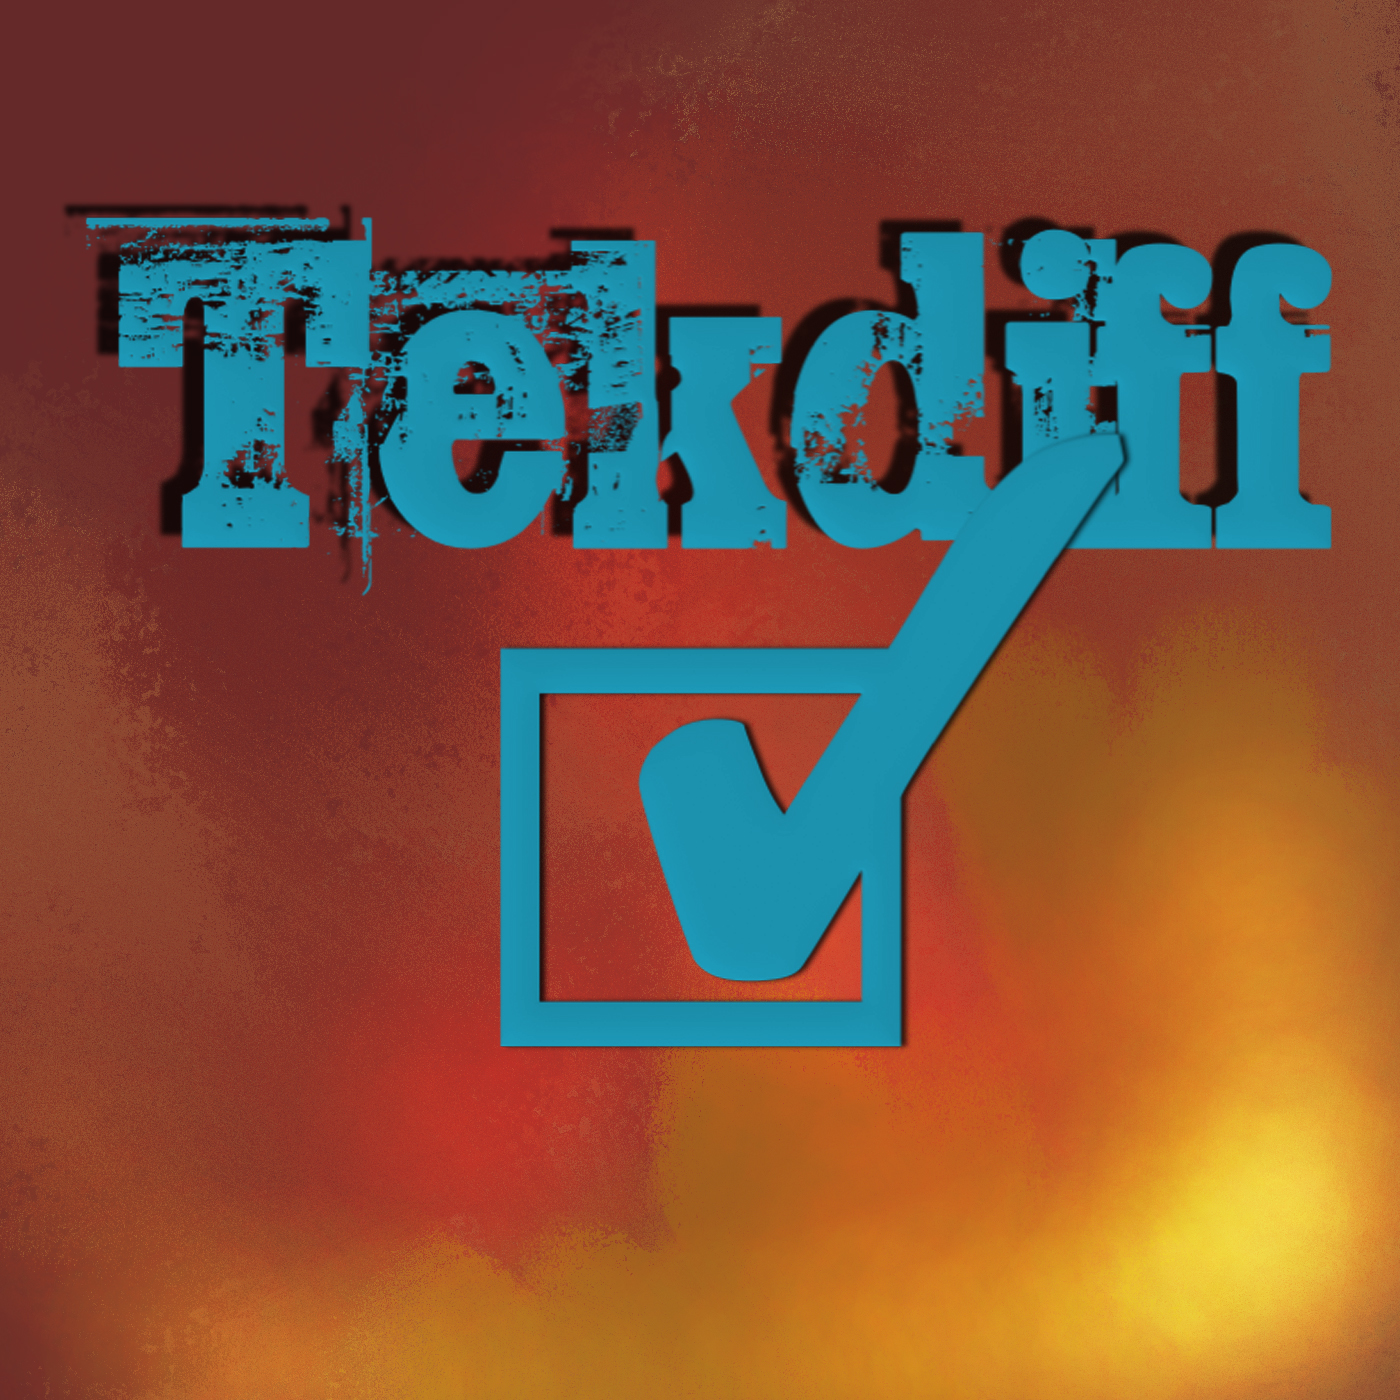 Tekdiff 3/27/15 - Backin' it Up!